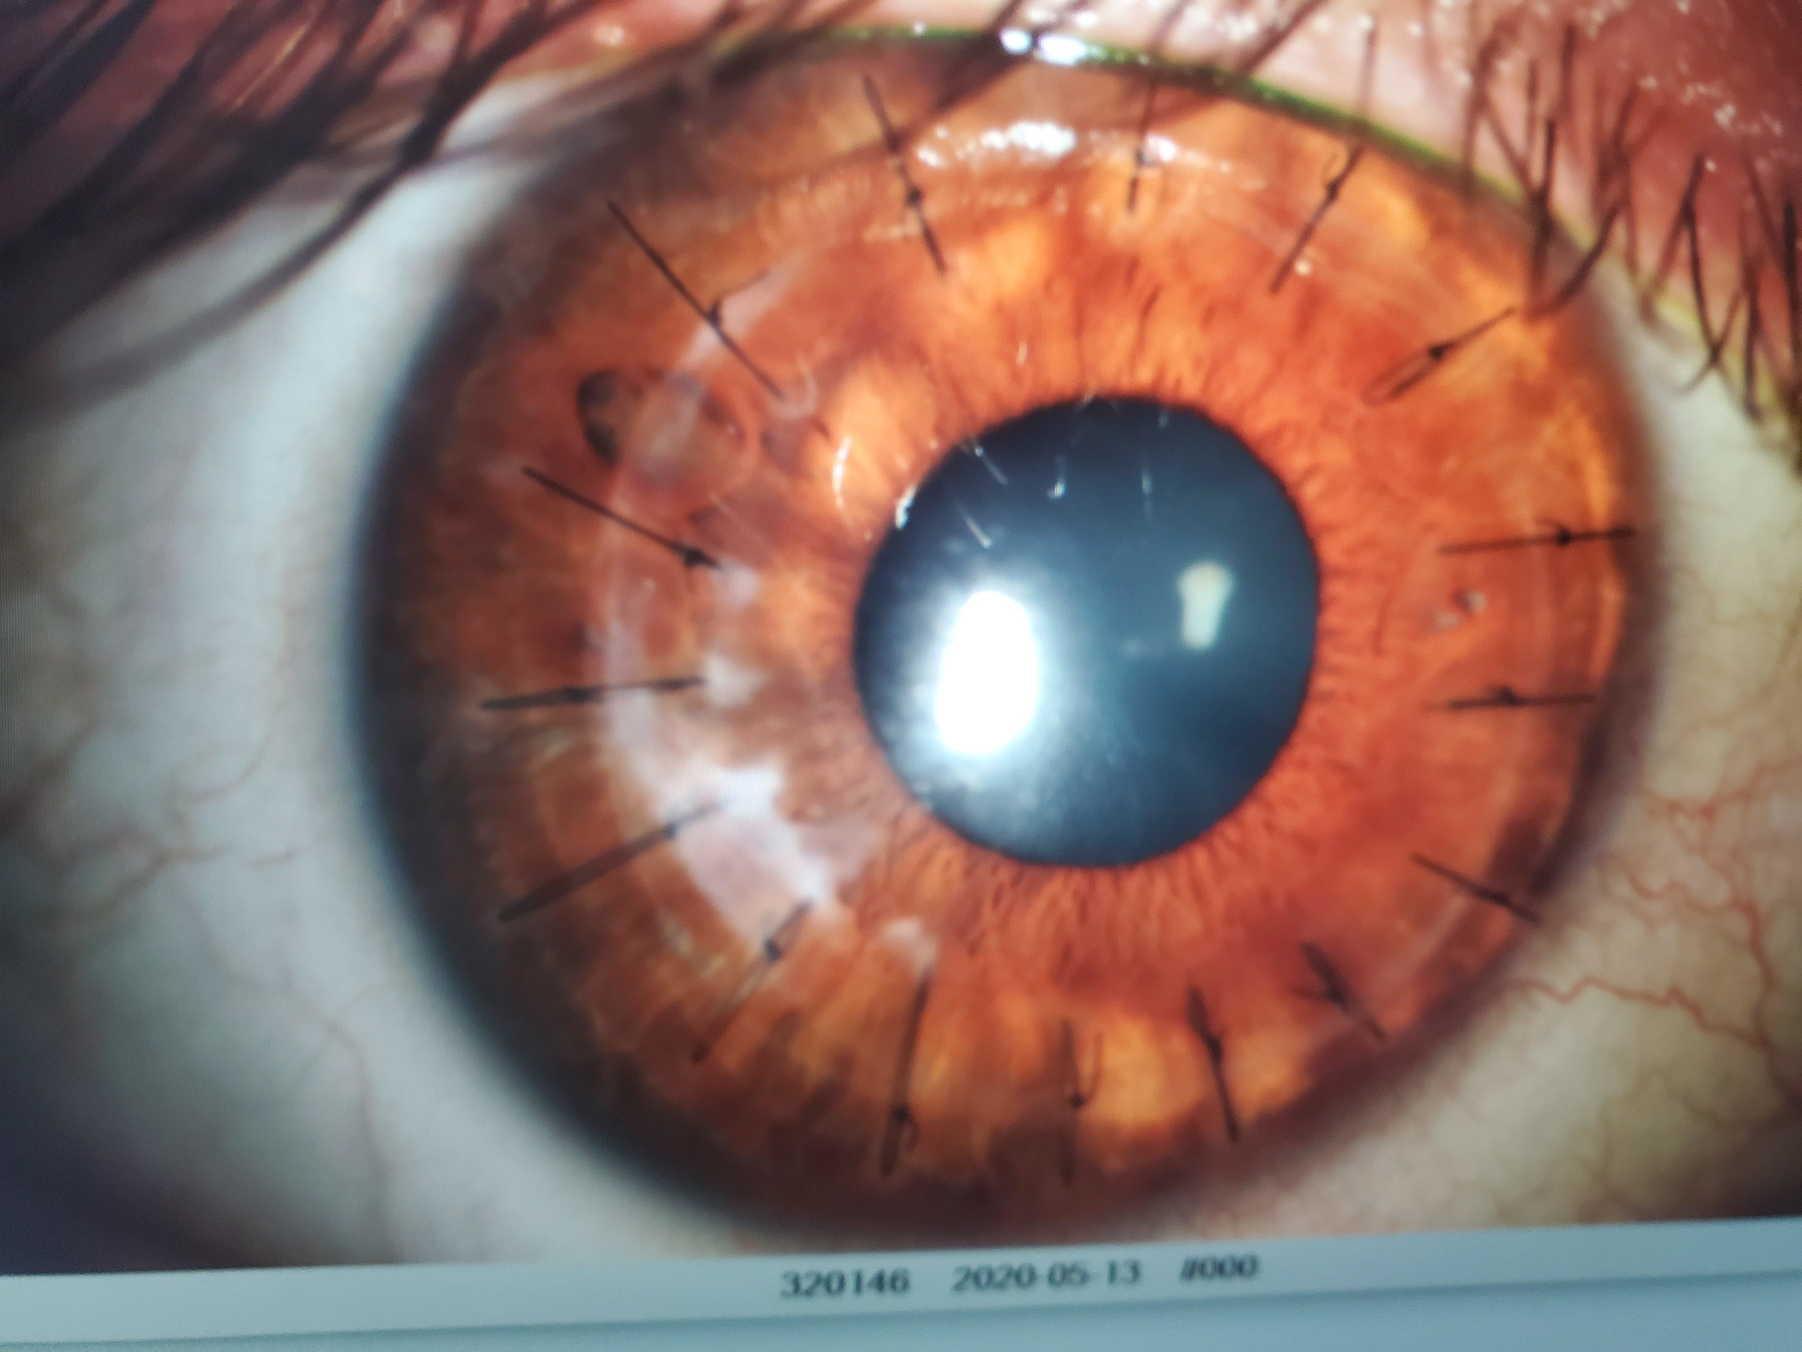 Парень показал глаз после операции, и люди уверены: он точно видит духов.